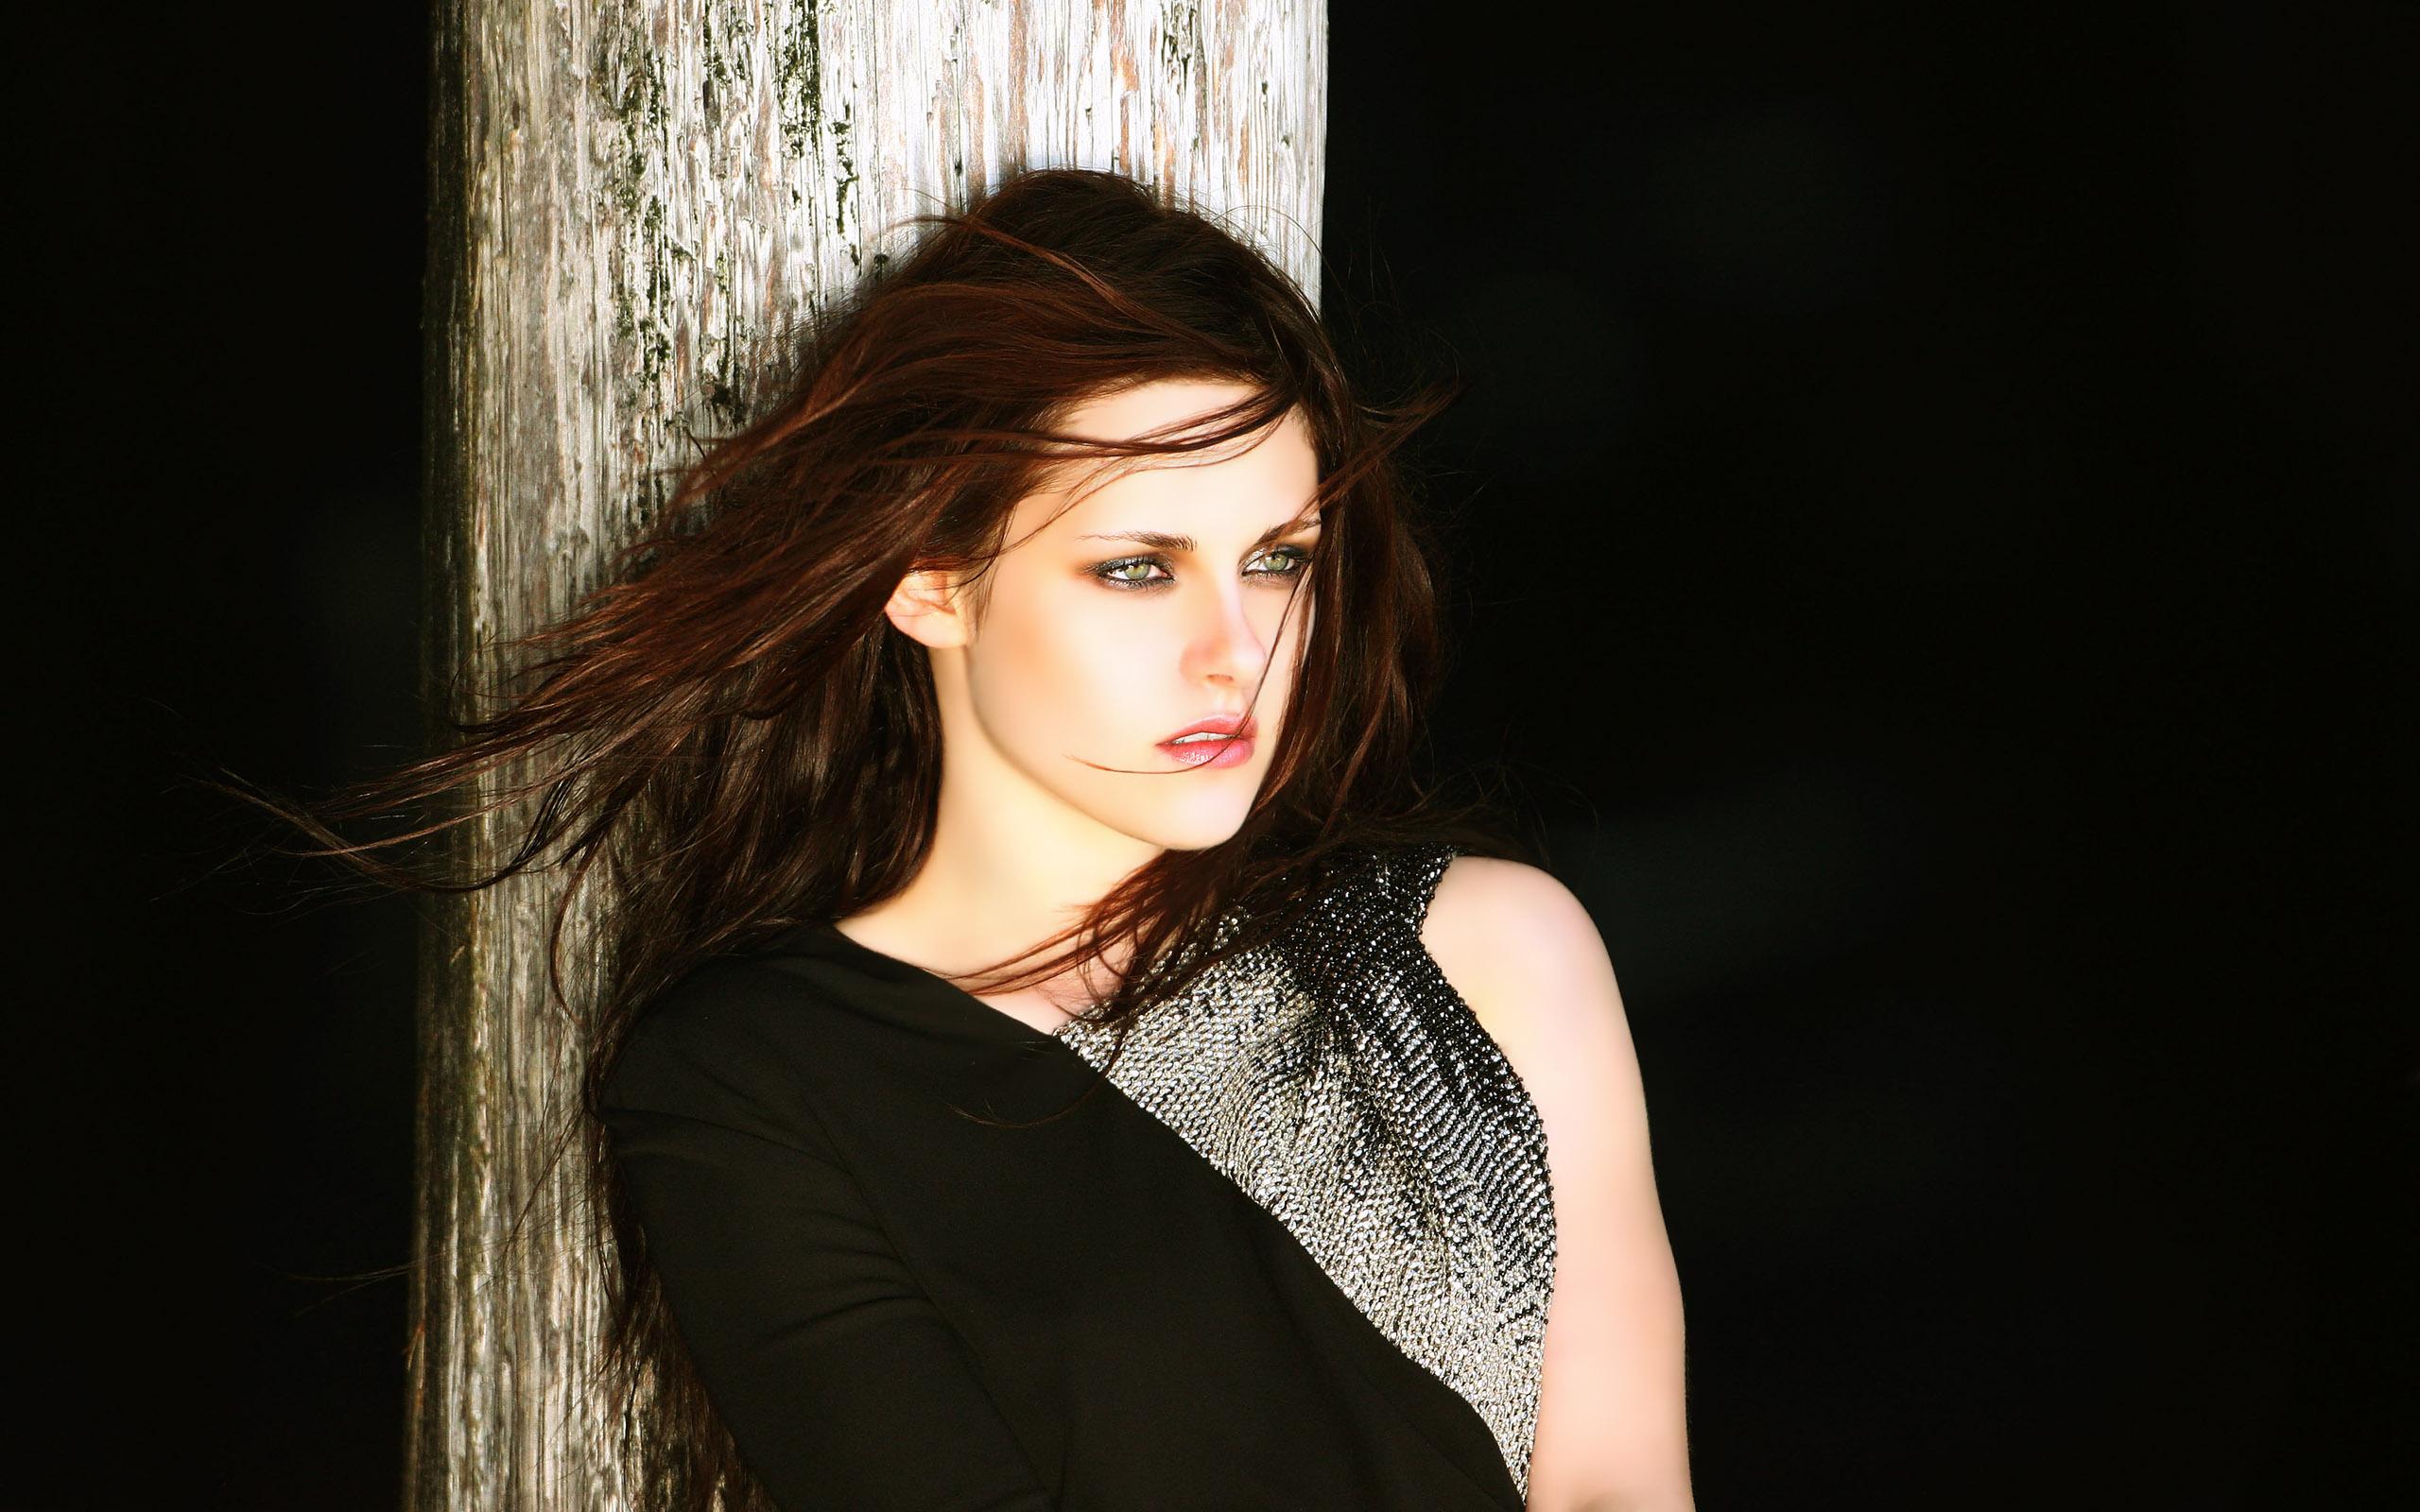 Kristen Stewart 2013 - 2560x1600